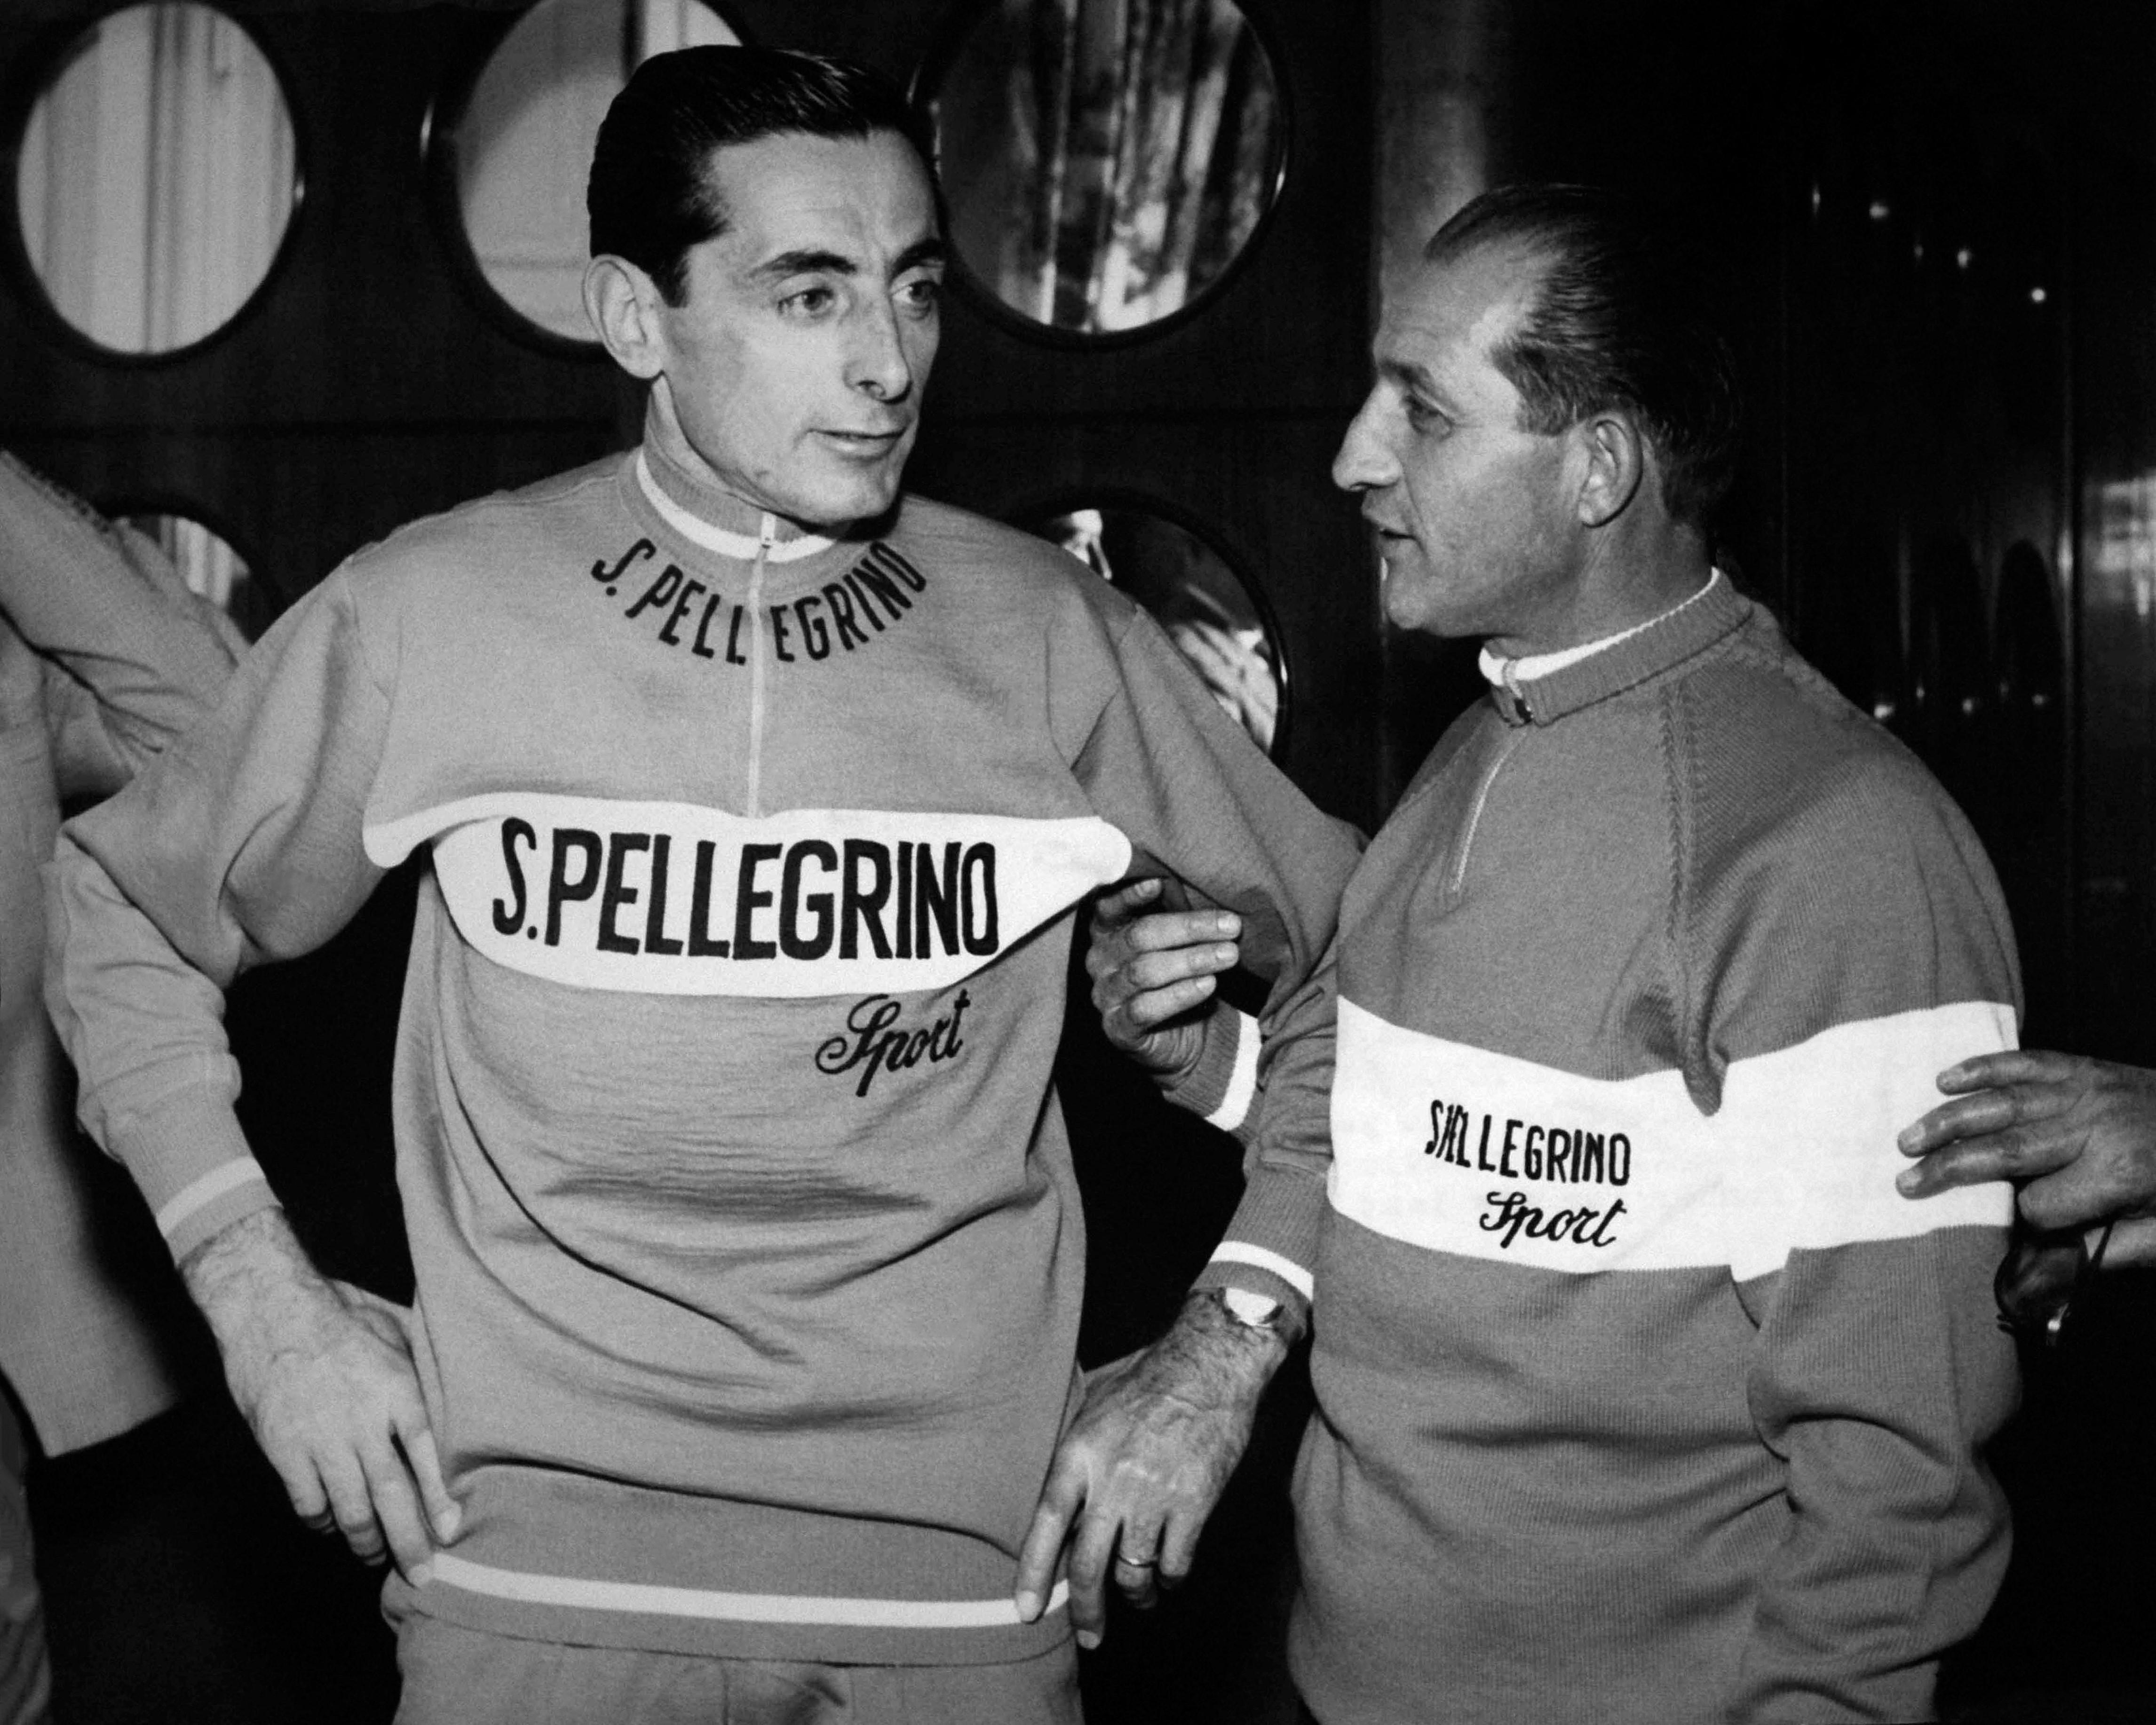 Fausto Coppi et Gino Bartali photographiés avant la conférence de presse où ils annonceront qu'ils vons concourir dans la même équipe, à Milan, Italie le 13 novembre 1959.